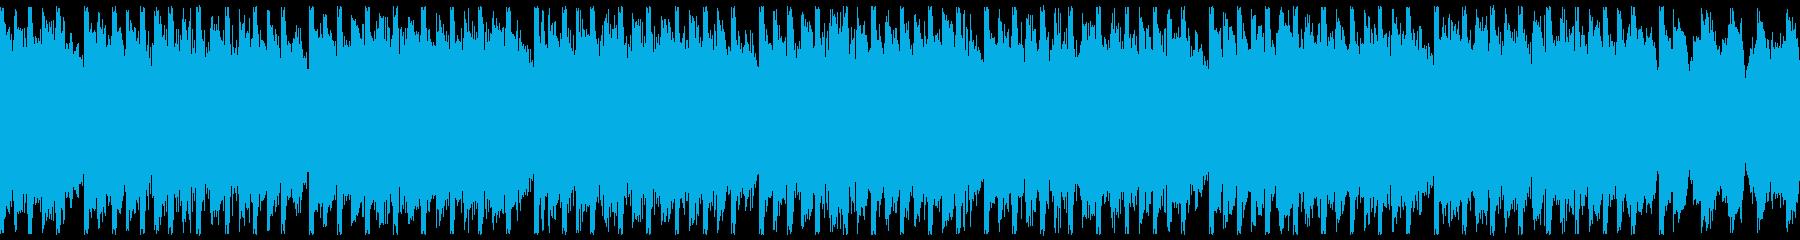 夏のパーティーダンス(ループ)の再生済みの波形